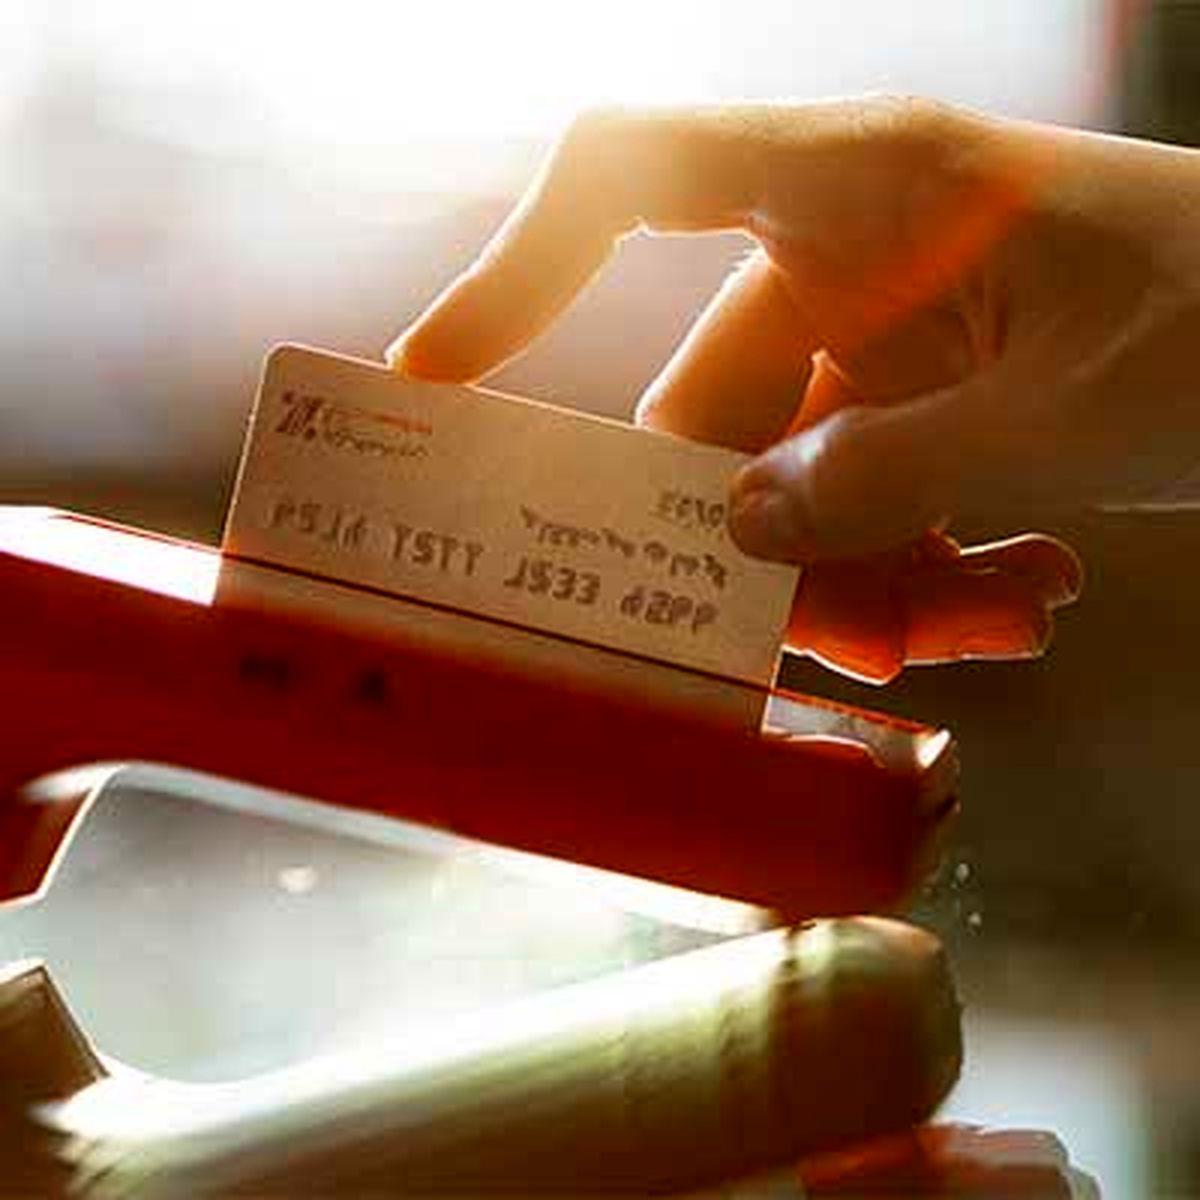 صدور آنی کارت اعتباری در شعب بانک اقتصادنوین